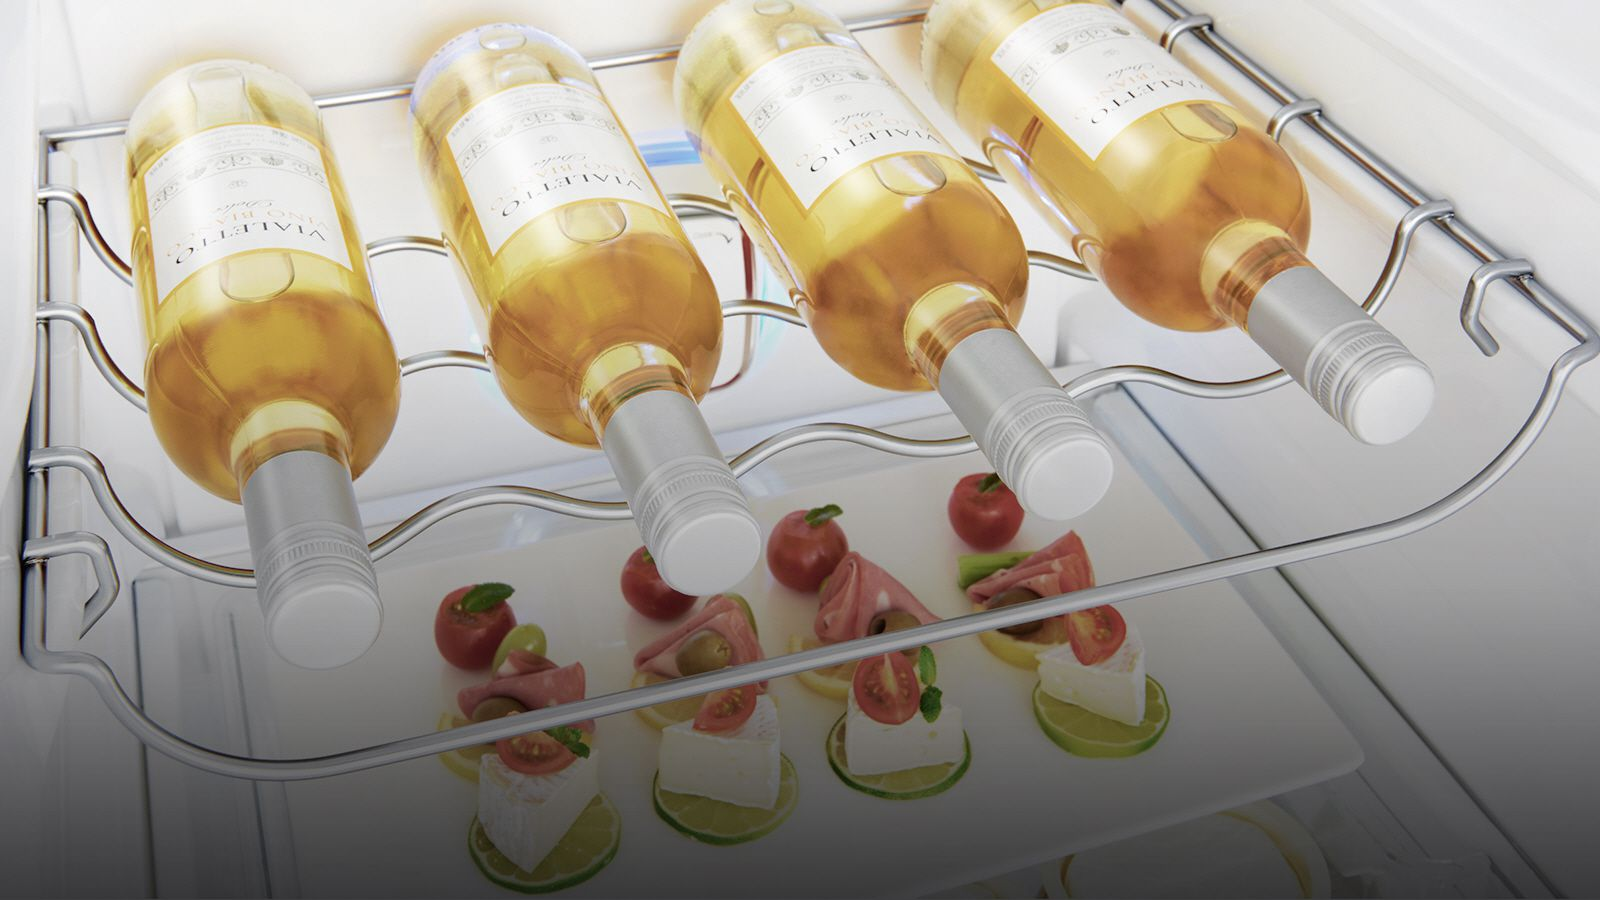 LG Fridges - Full Wine Rack